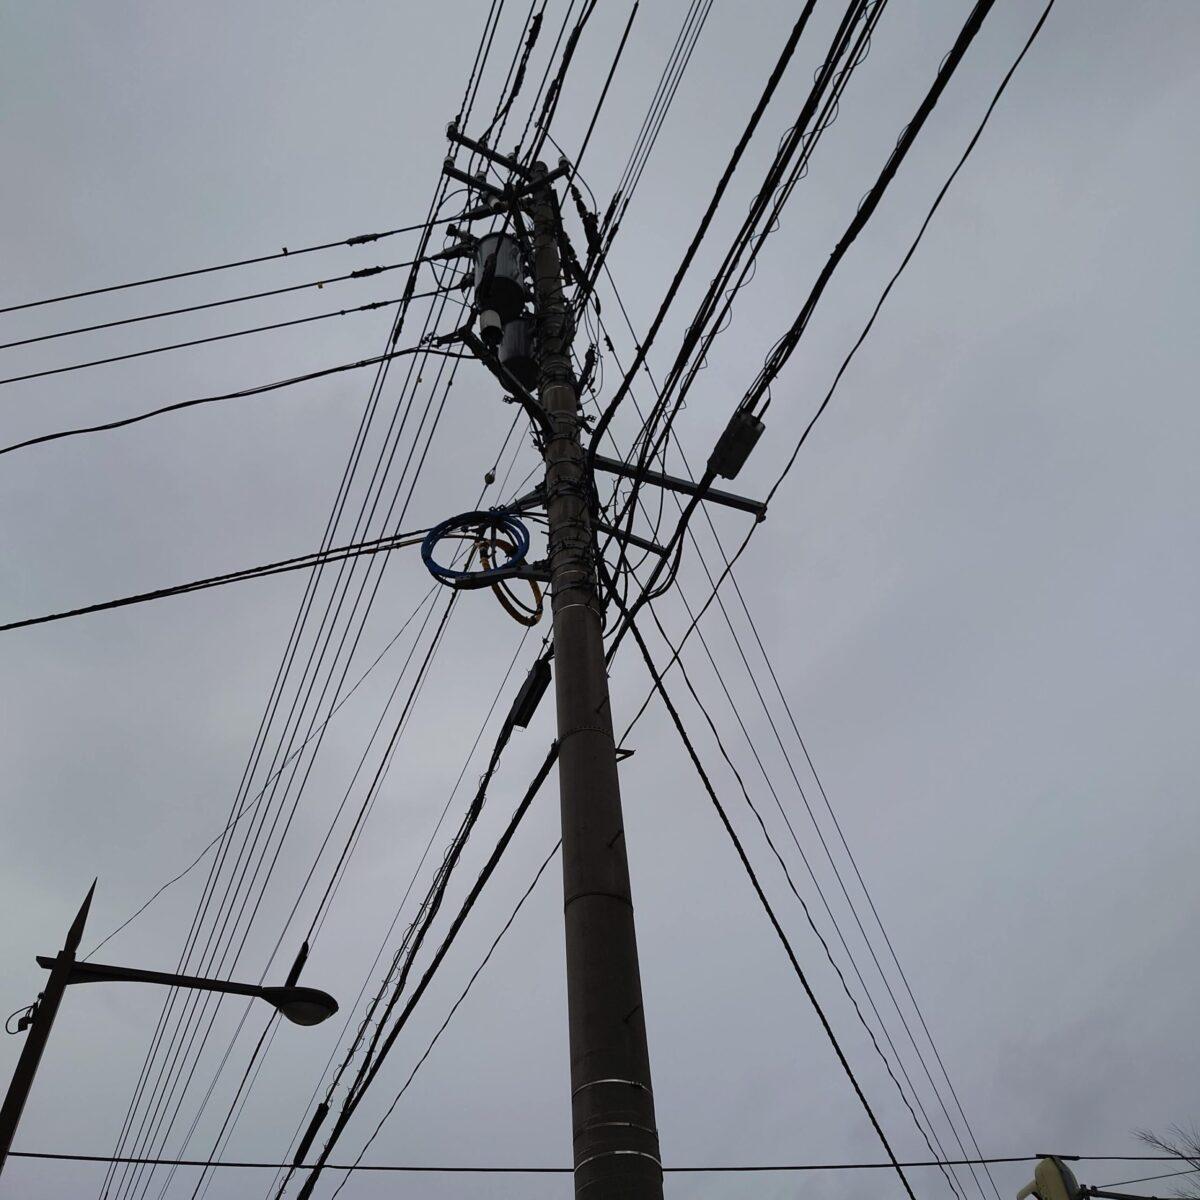 「カラスの巣監視中」と表示されている電柱の上部には巣らしきものはなかった。